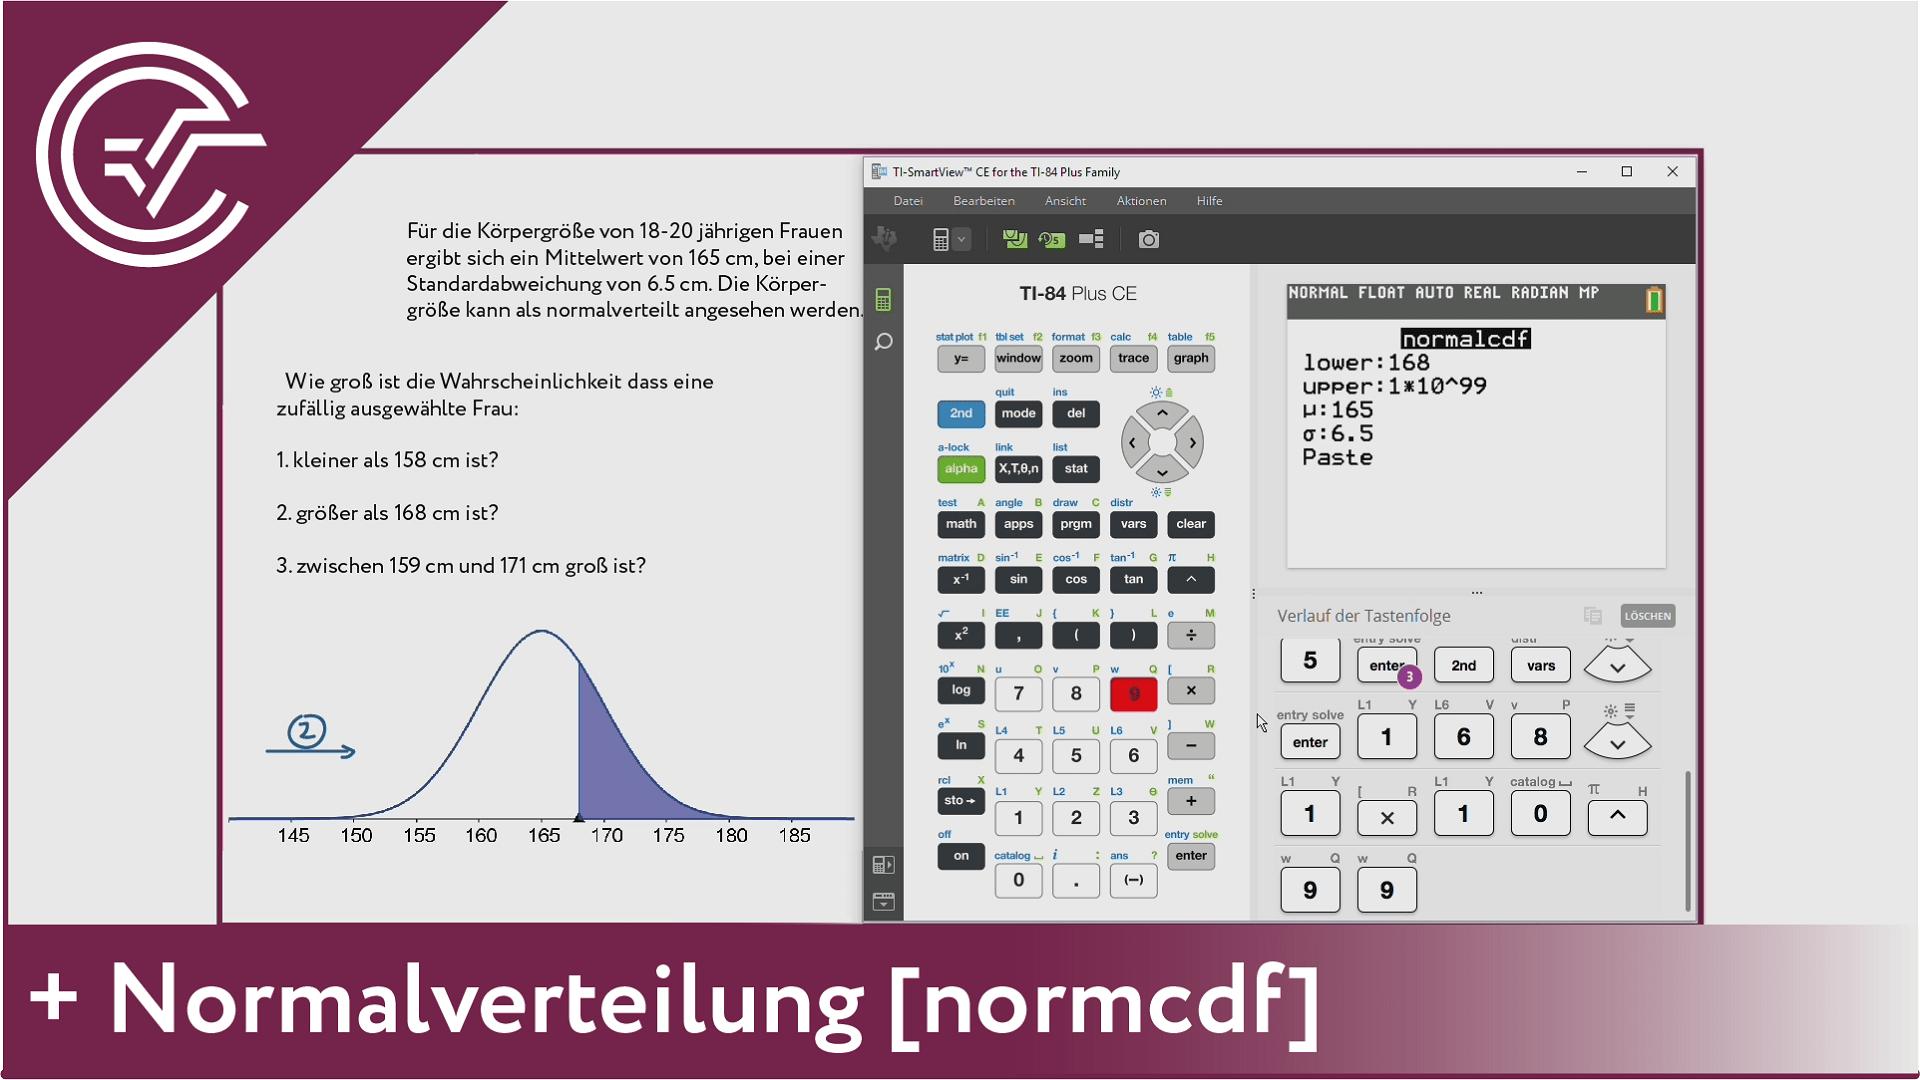 9. Normalverteilung - normCdf [TI-84/83/82]